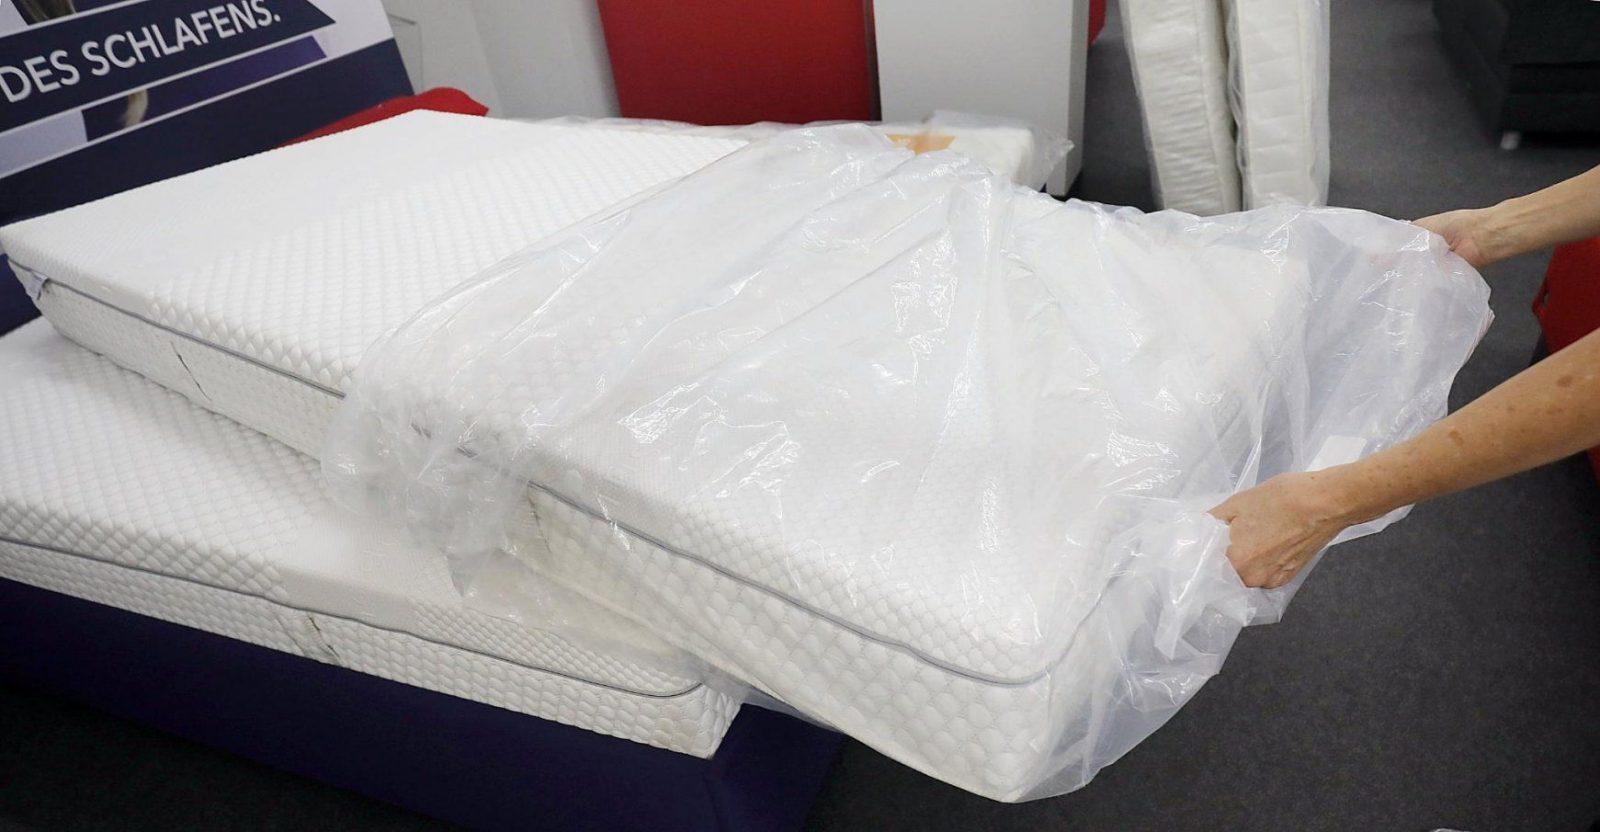 Ist Probeschlafen Okay Matratze Wird Vor Dem Eugh Ausgerollt von Matratze Umtauschen Ikea Bild